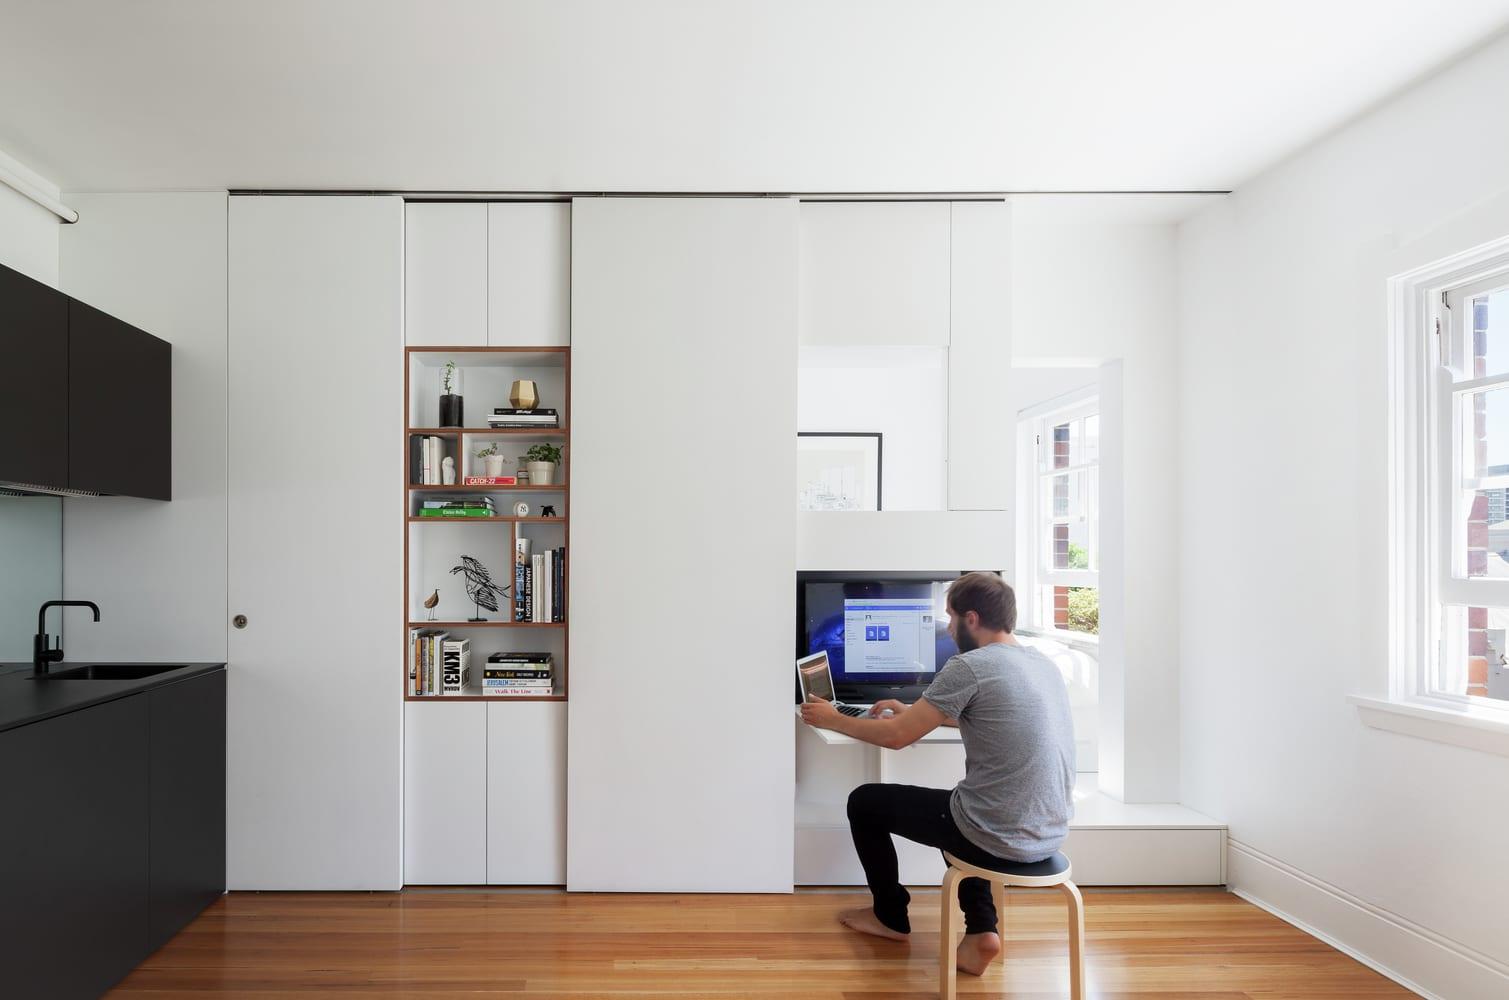 Pr ctico departamento de 27 metros cuadrados construye hogar - Aprovechar espacios pequenos dormitorios ...